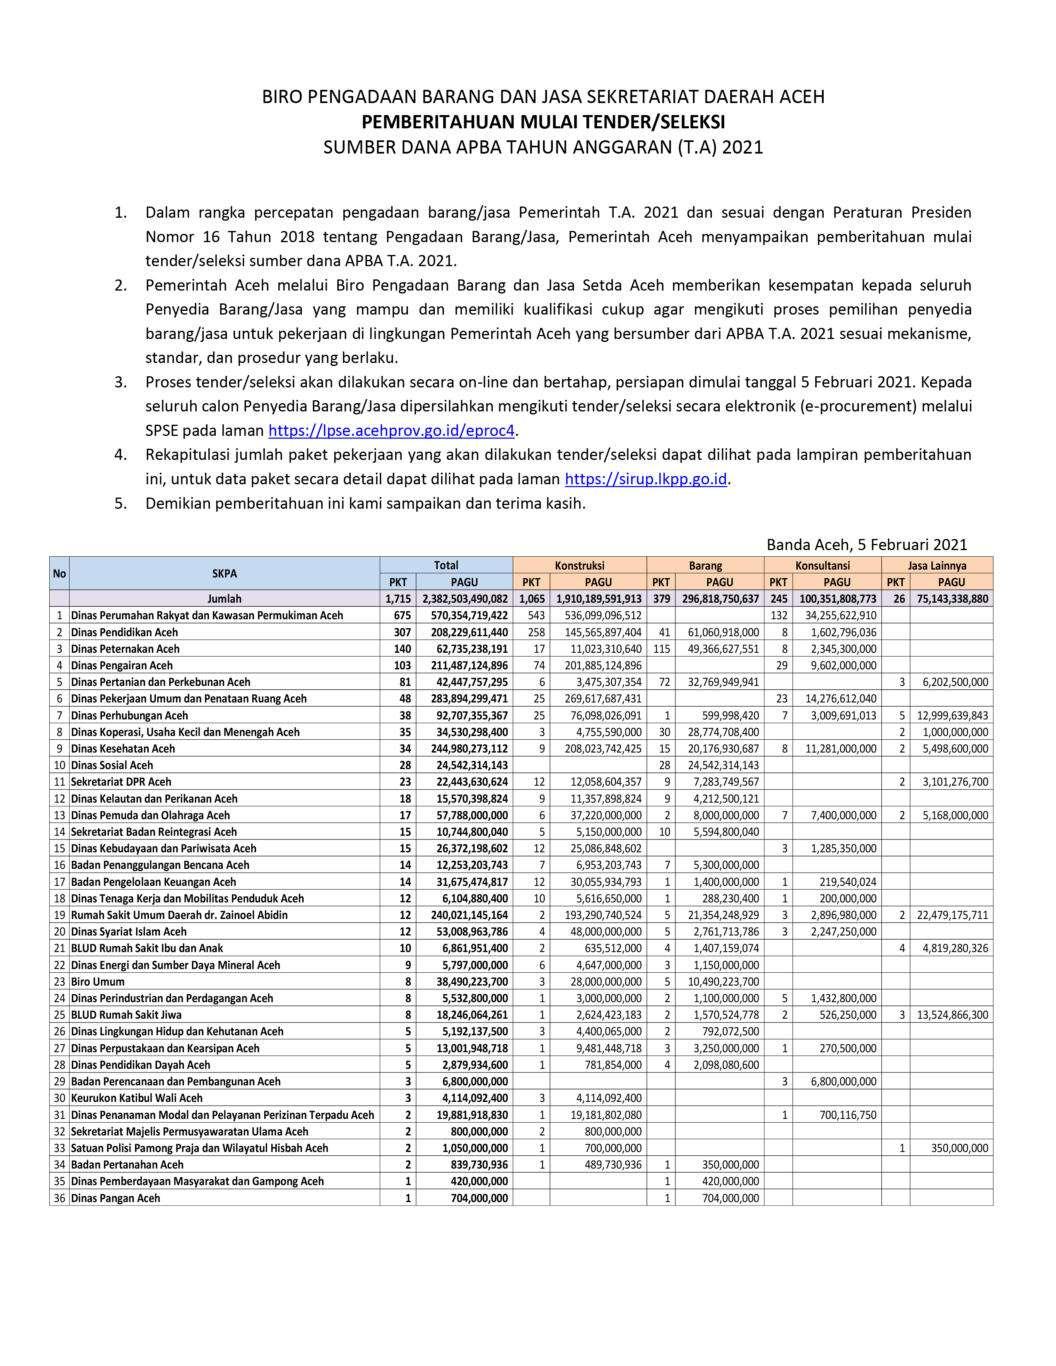 https://aksesharian.com/pemerintah-aceh-umumkan-tender-apba-2021-rp-24-triliun/